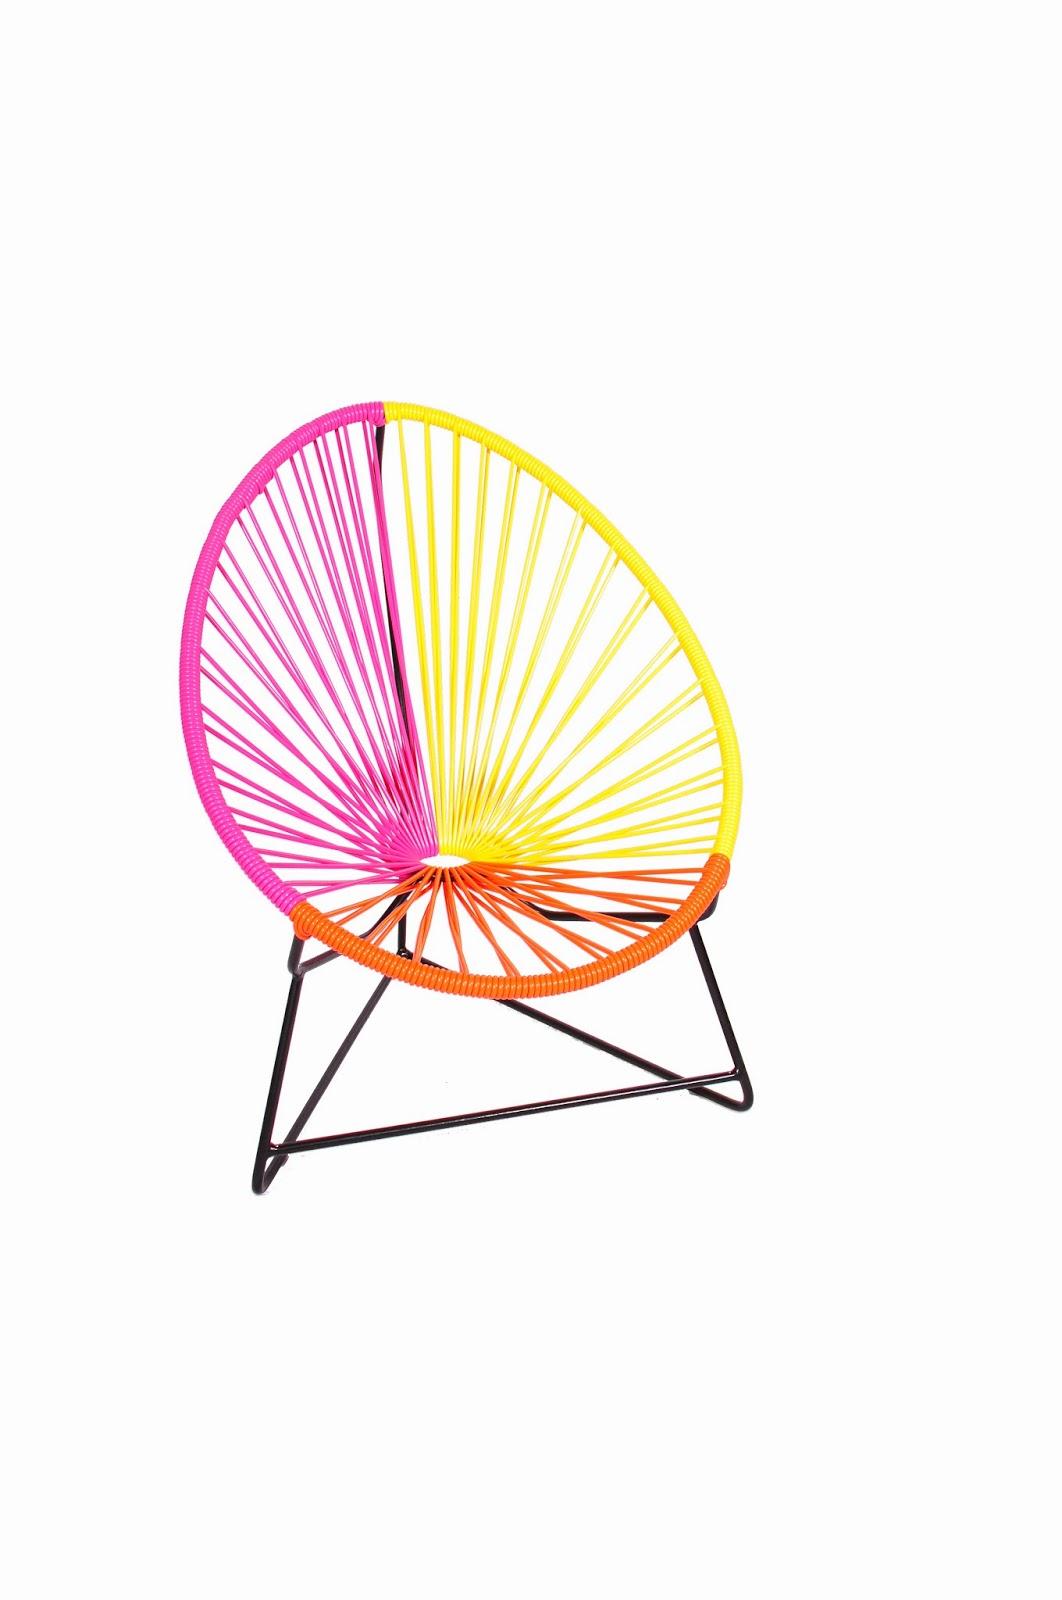 mobilier scoubidou le fauteuil acapulco pour enfant en couleur. Black Bedroom Furniture Sets. Home Design Ideas